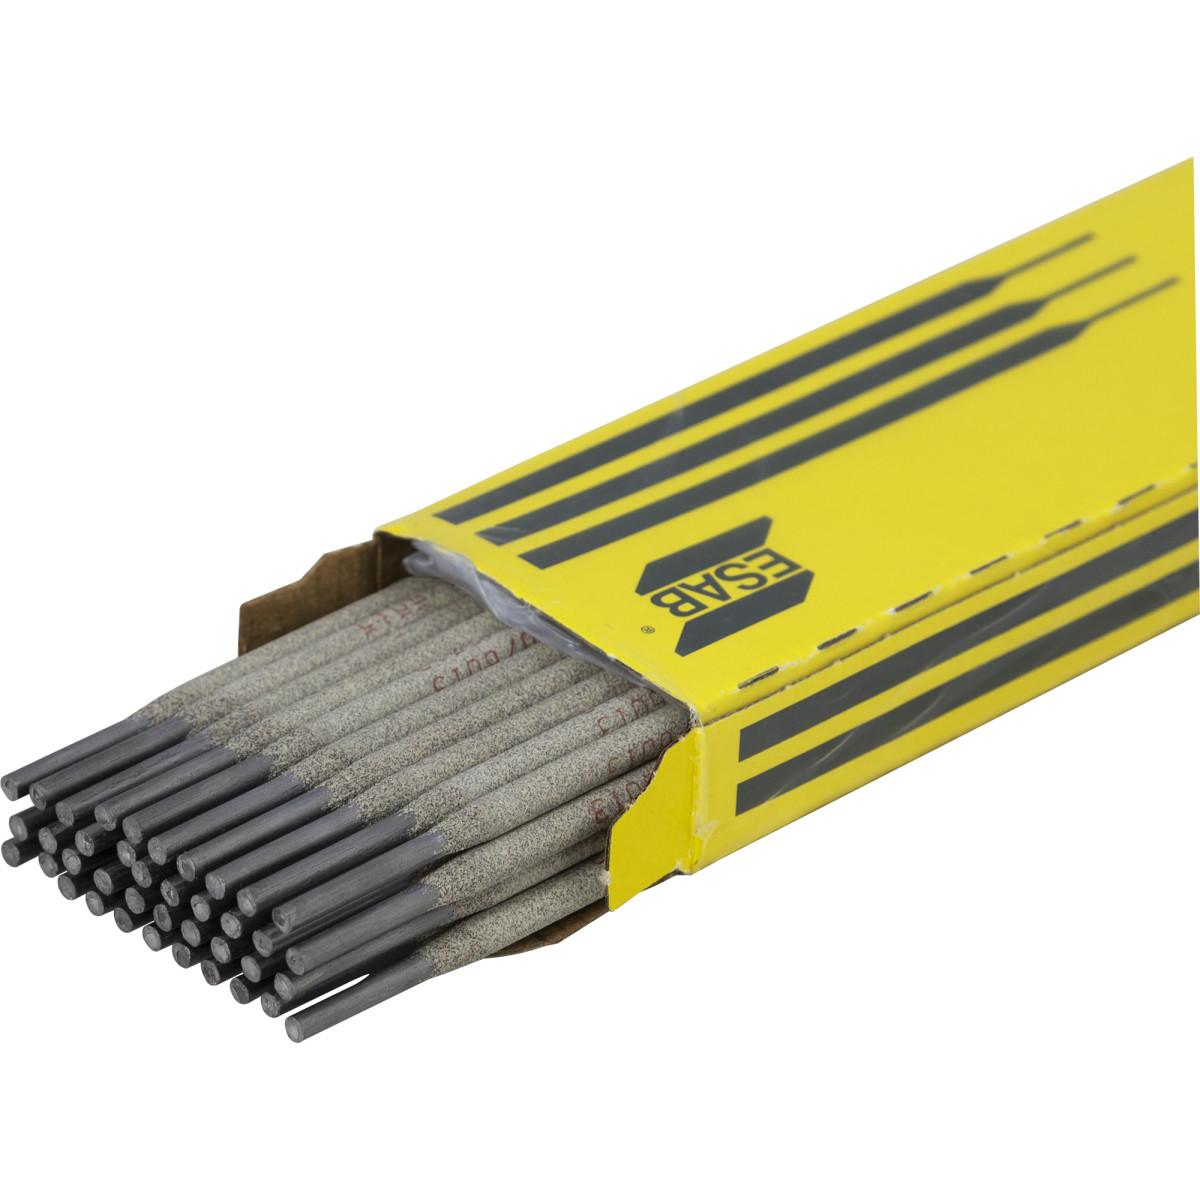 Электроды Esab Оk 46 2.5х350 мм 1 кг